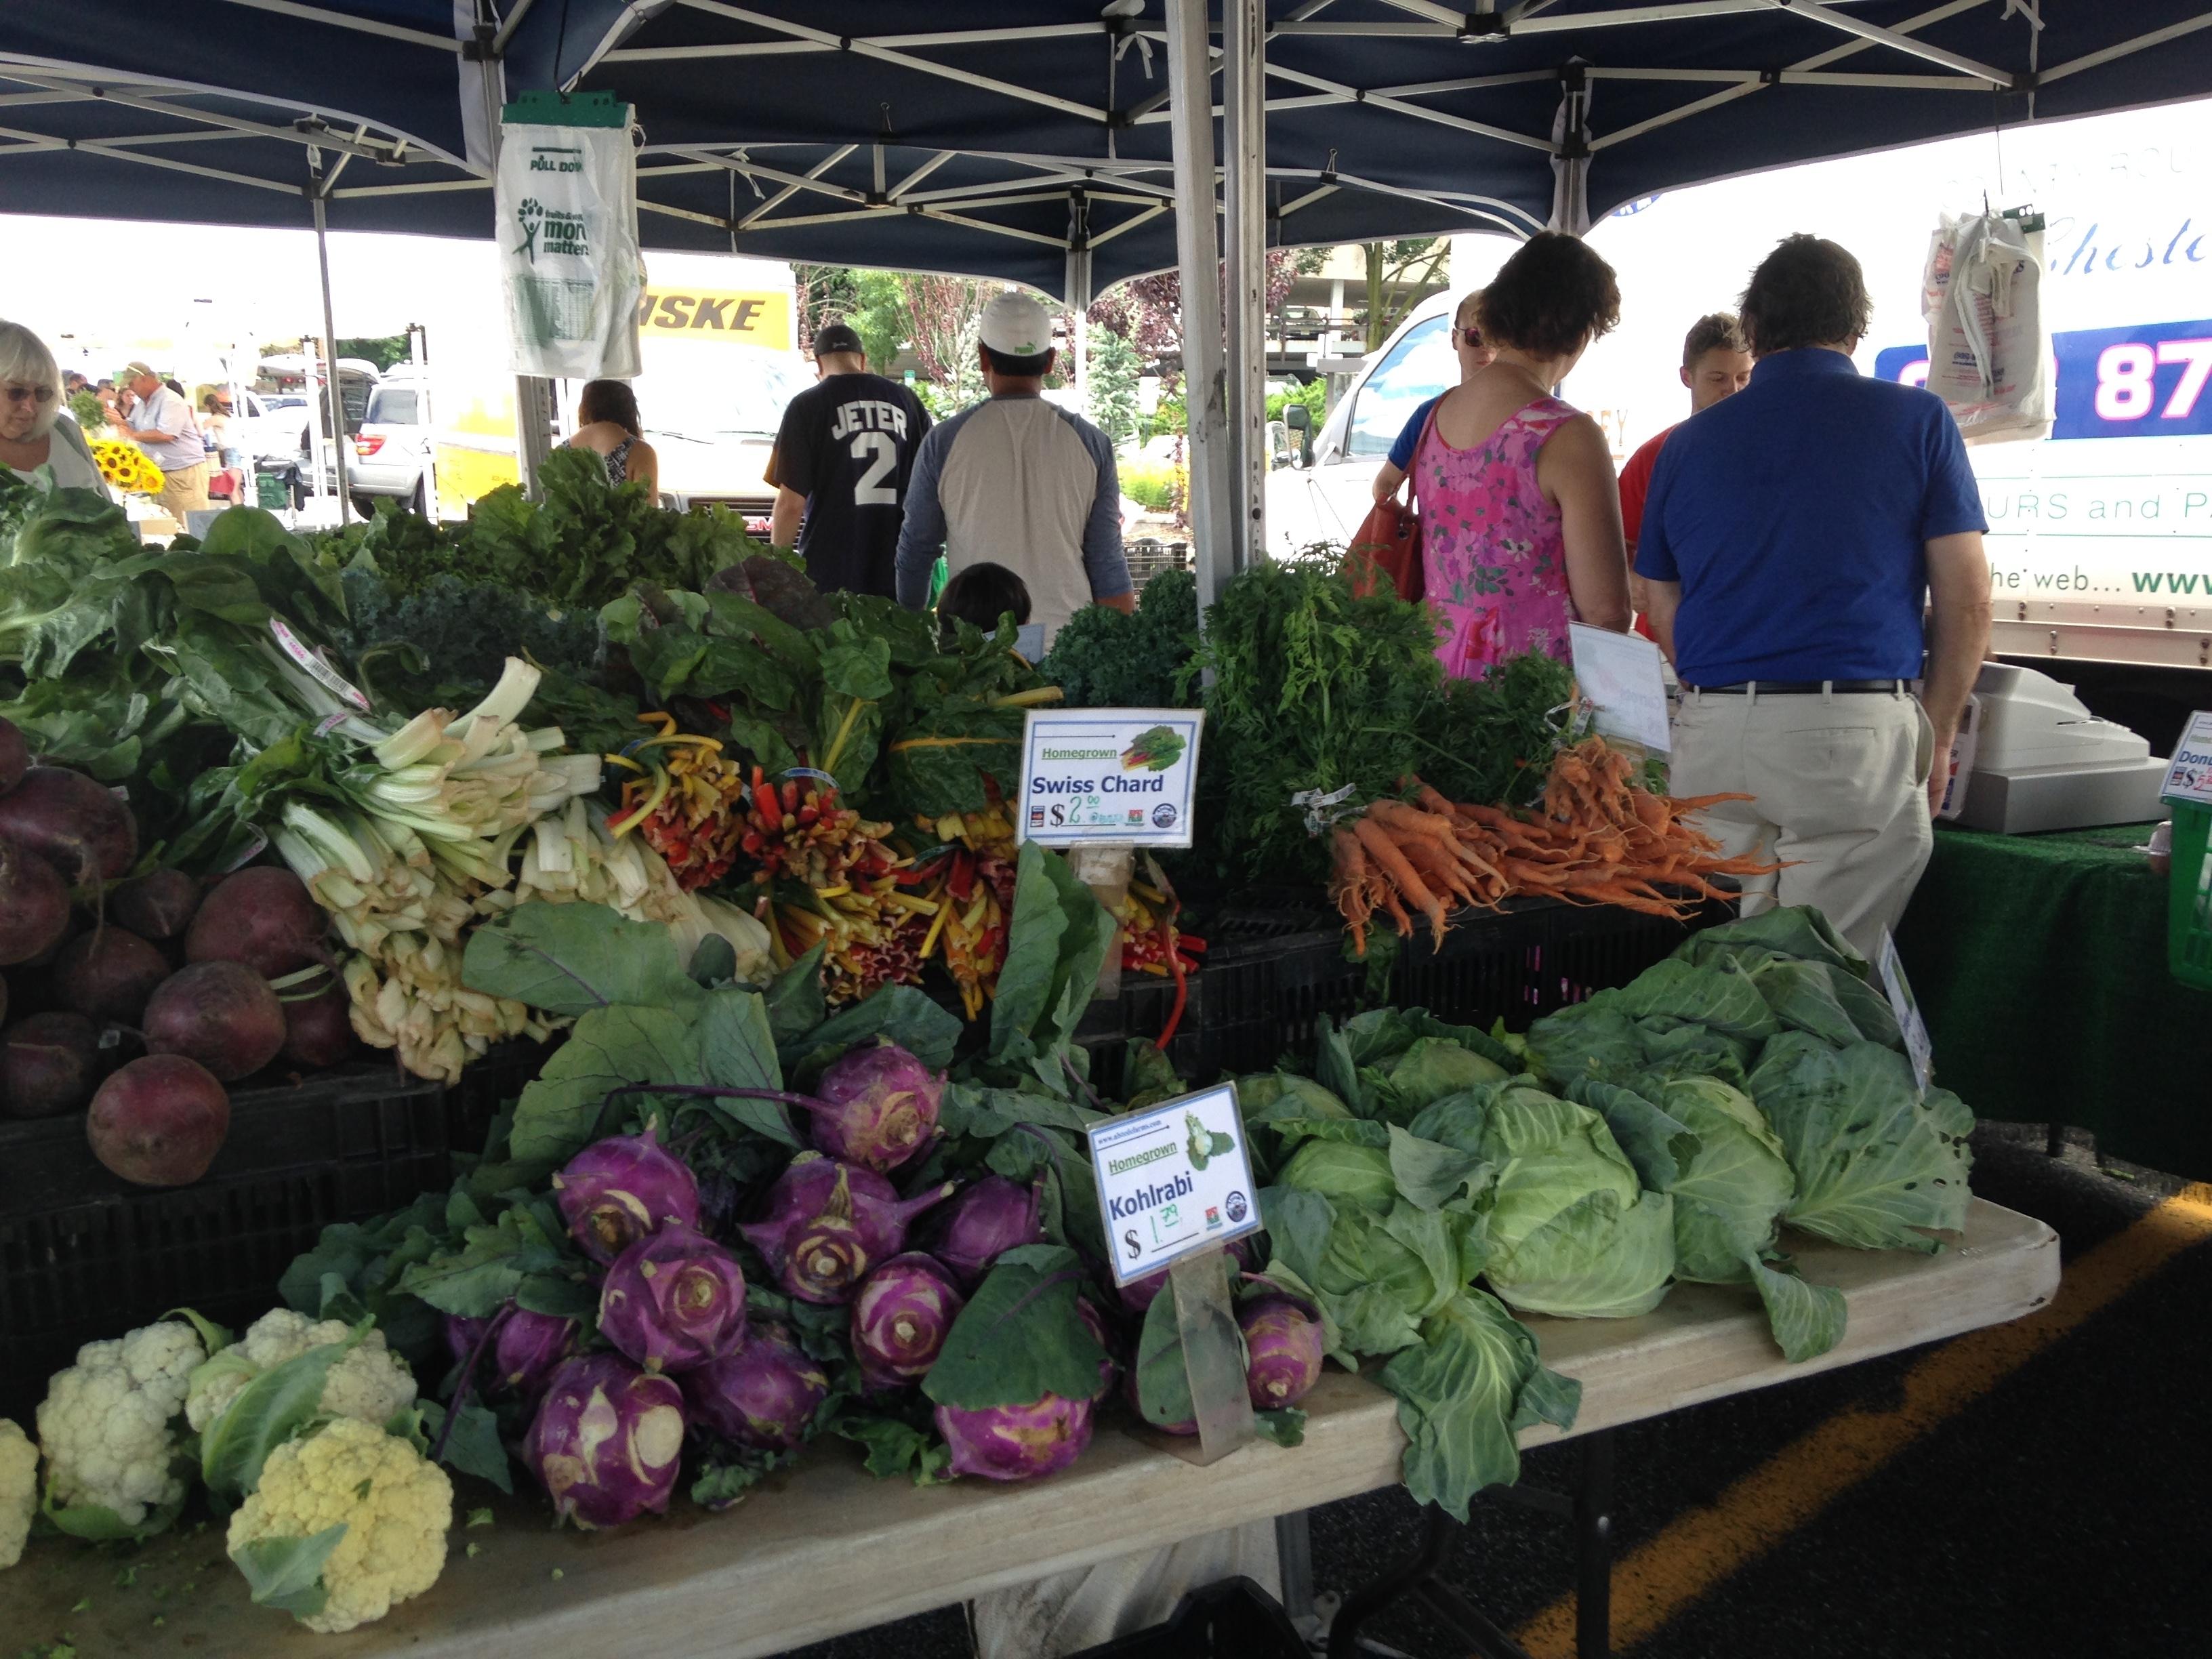 623a74476b62f35f2817_farmers_market8.JPG